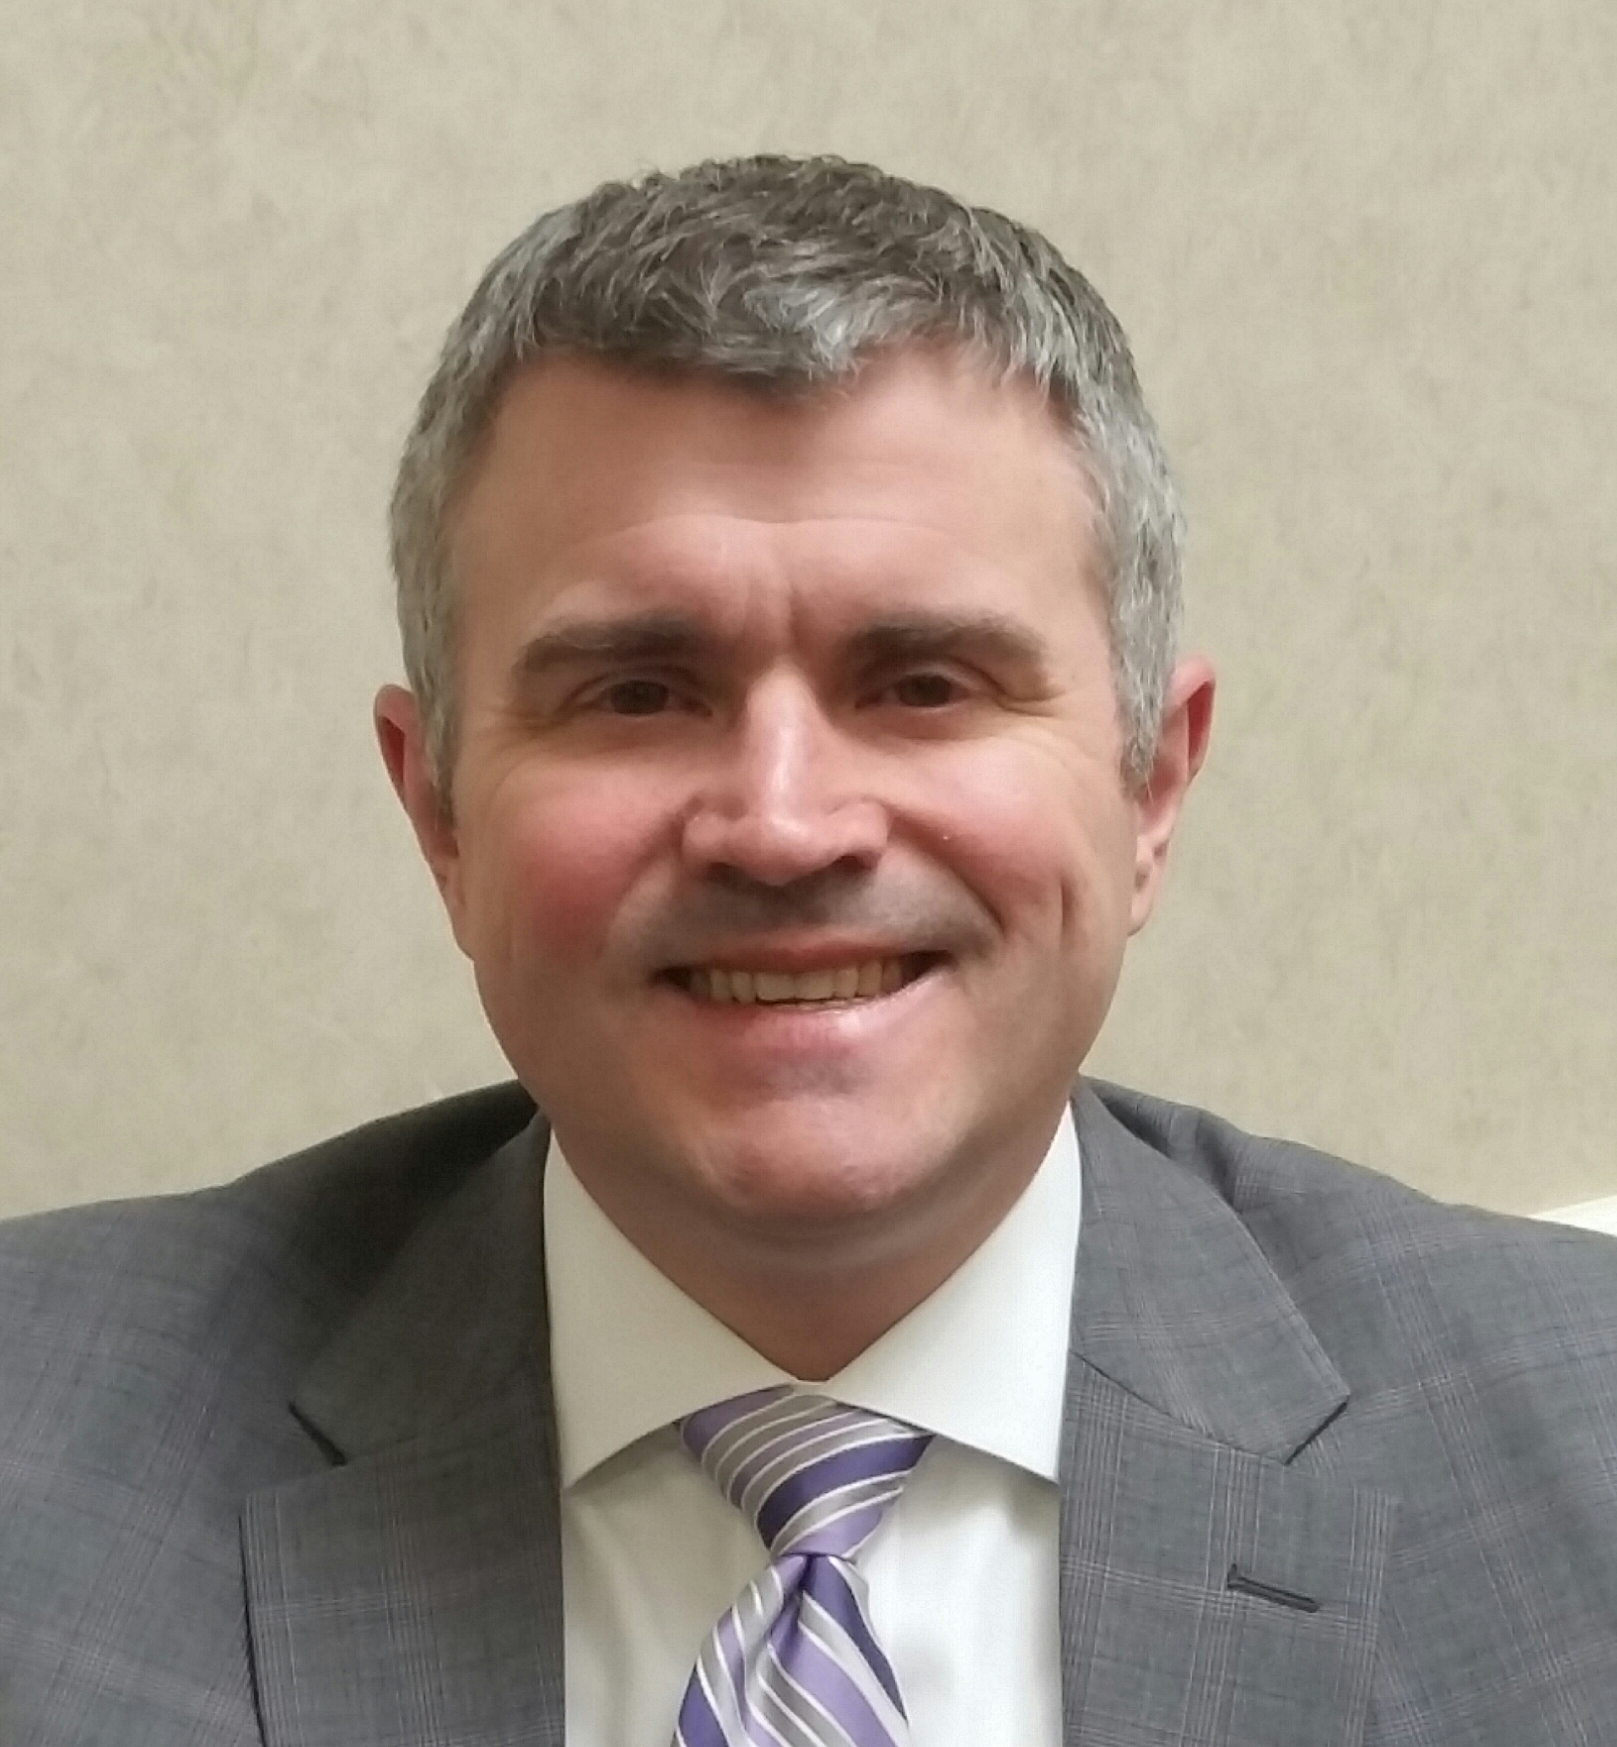 Peter J. Bietz